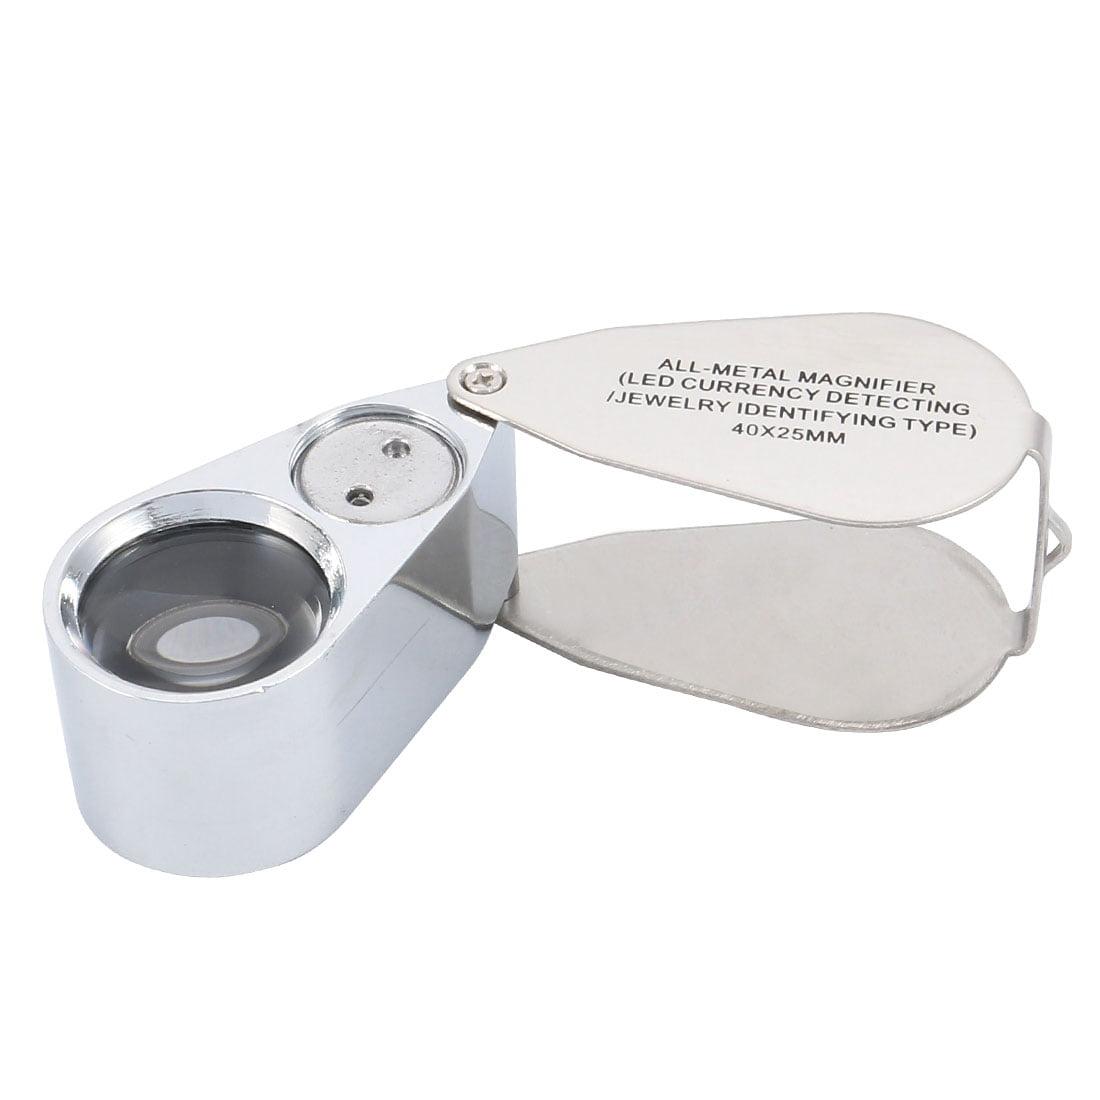 Folding Magnifier 40X Illuminated Magnifying Glass Loupe Lens w LED Light - image 7 of 7